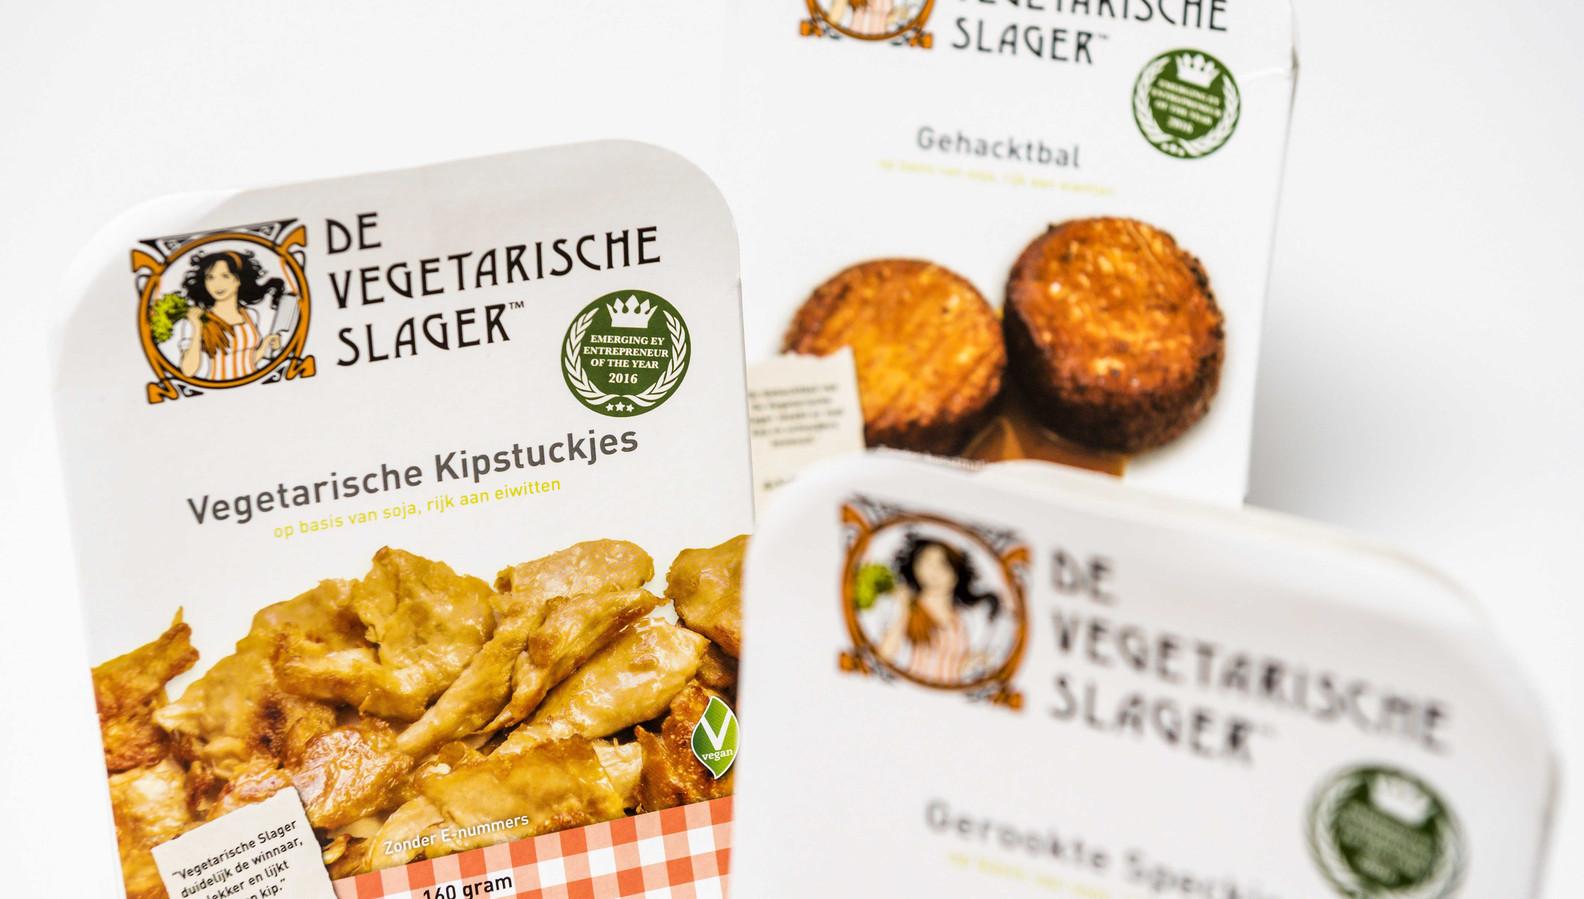 Vegetarische Kipstuckjes, Gehacktbal en Gerookte Speckjes.